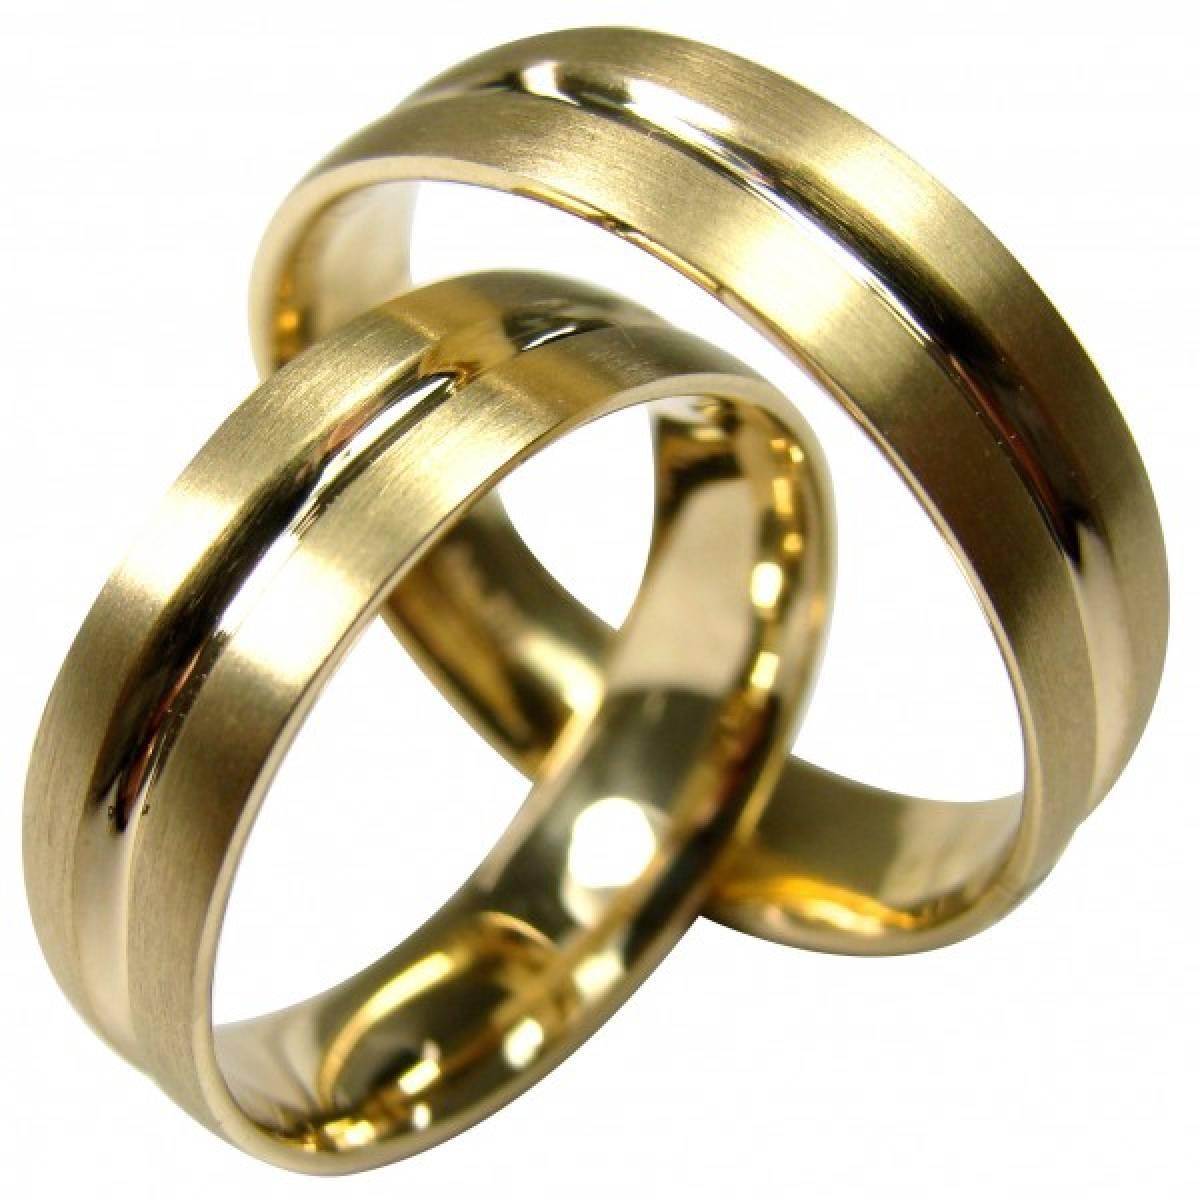 Alianças de casamento amendoadas e foscadas em ouro de 9 e 19 kts